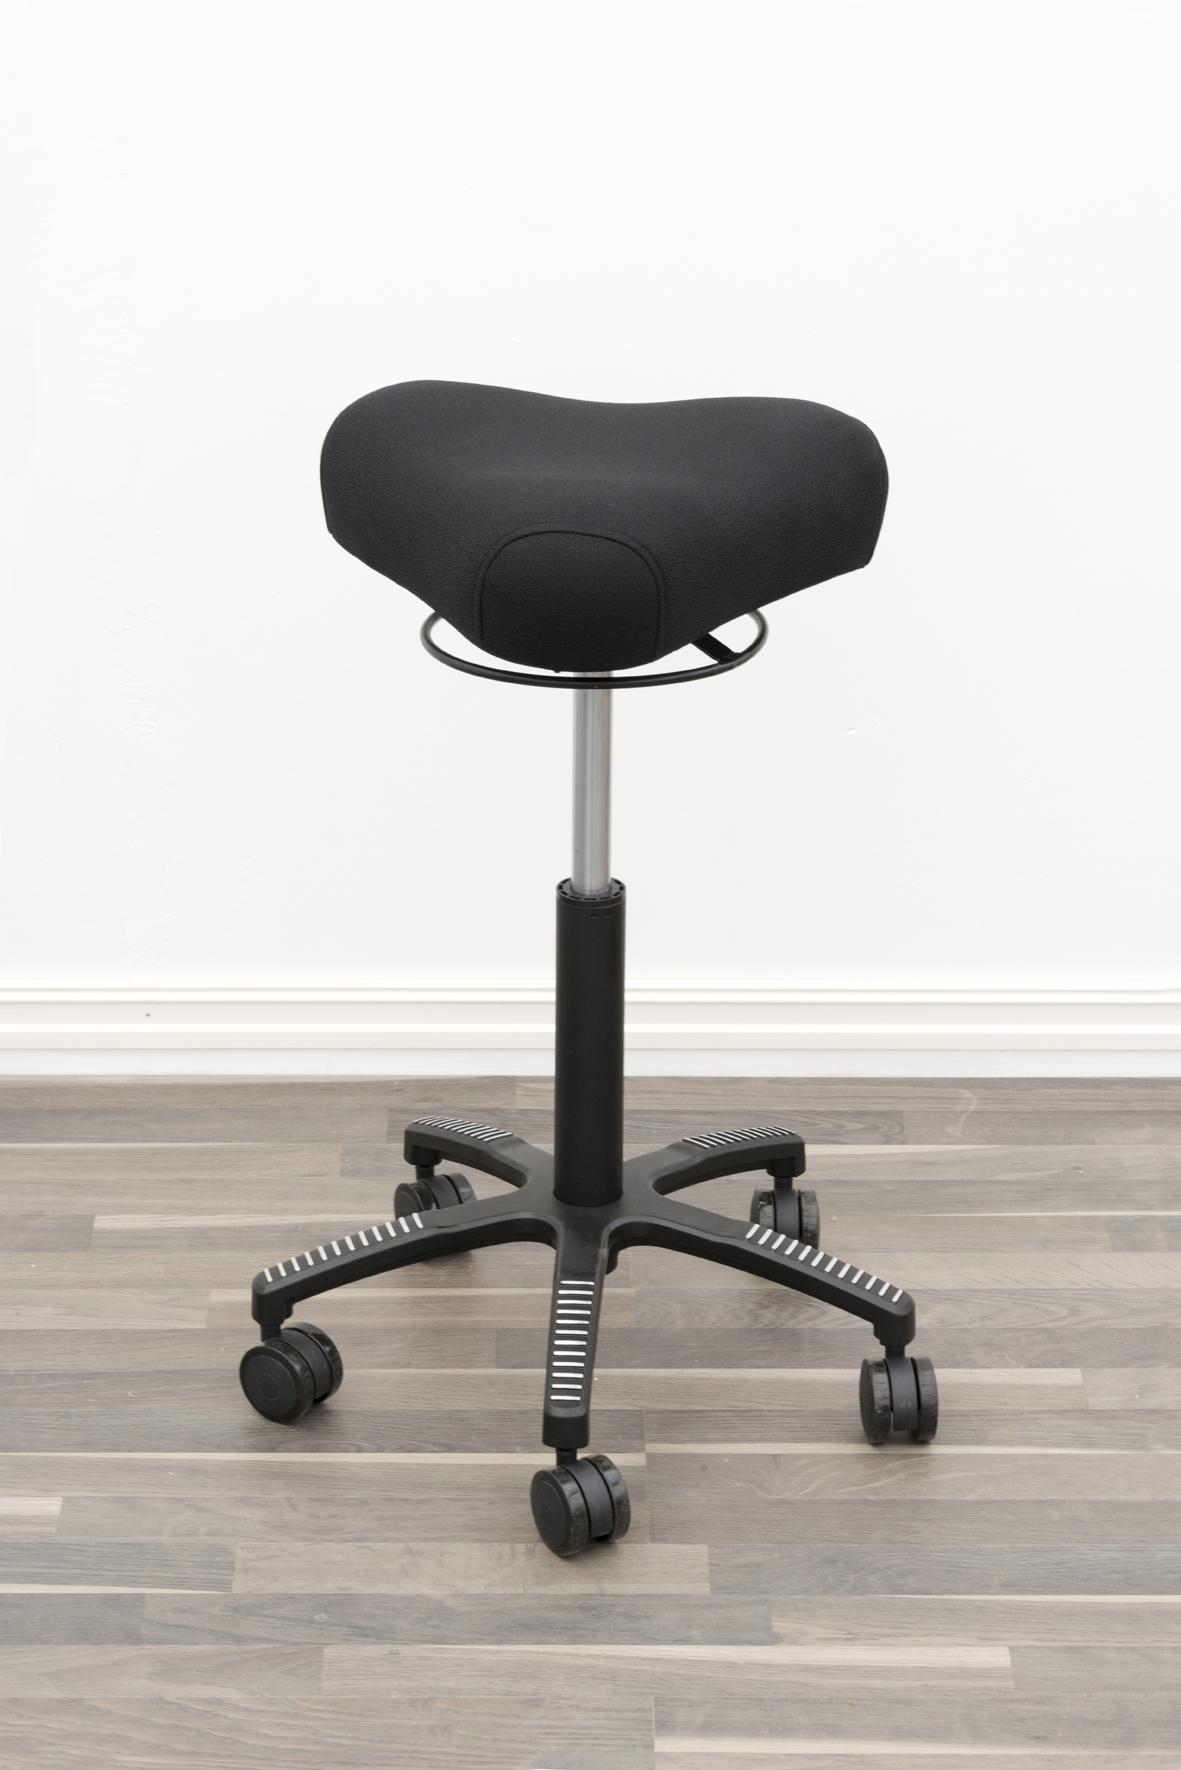 BERMUDA balanse og behandlingsstol gir en bedre ergonomi på